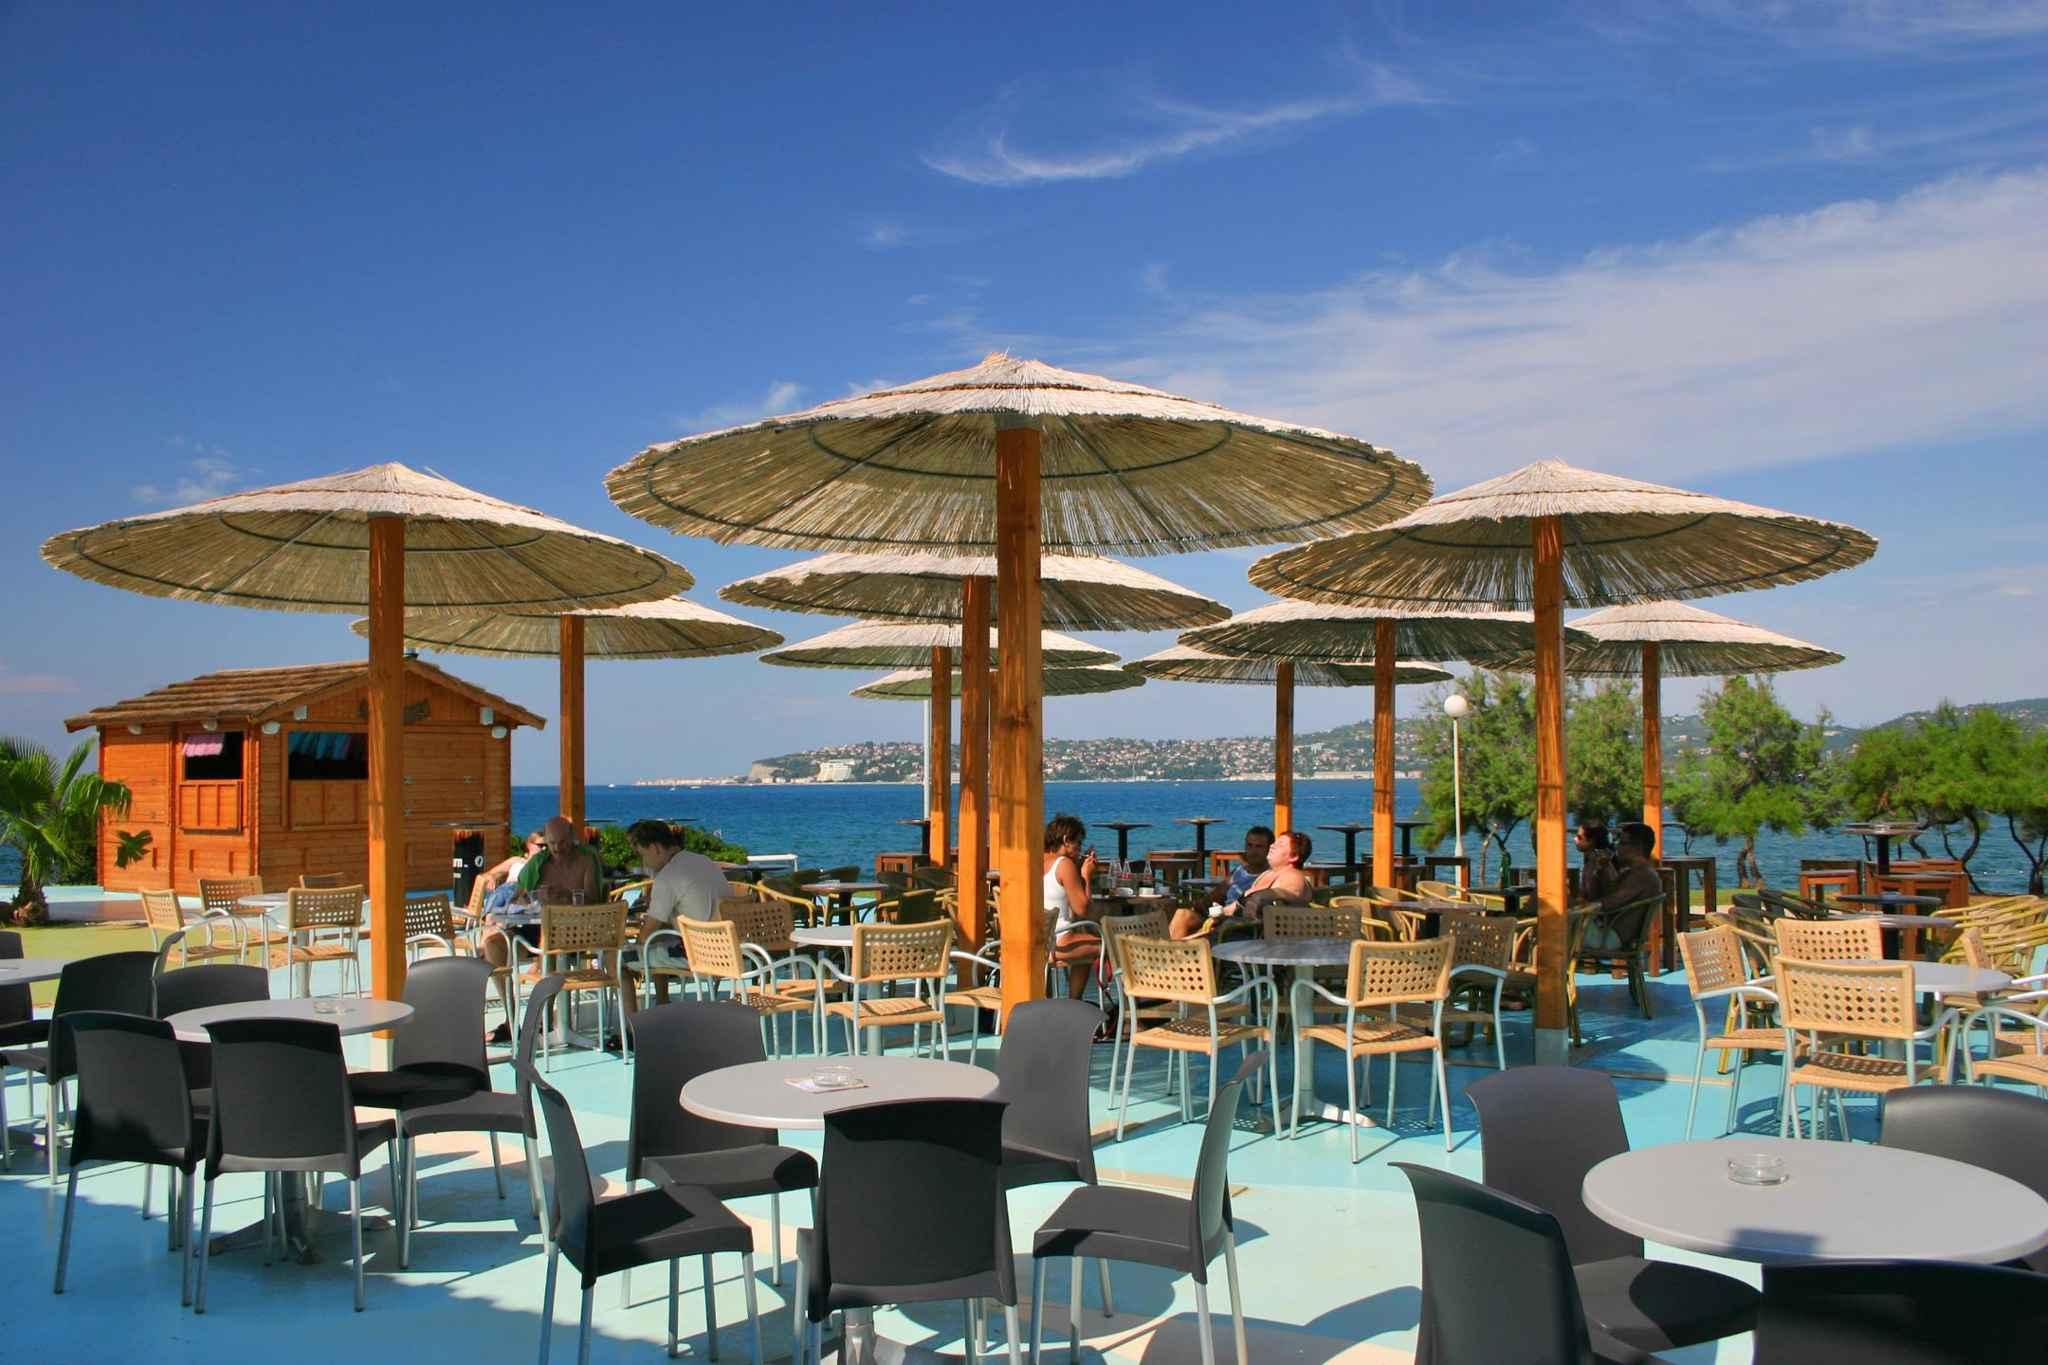 Ferienhaus Bungalow in der Ferienanlage Kanegra (281162), Umag, , Istrien, Kroatien, Bild 2